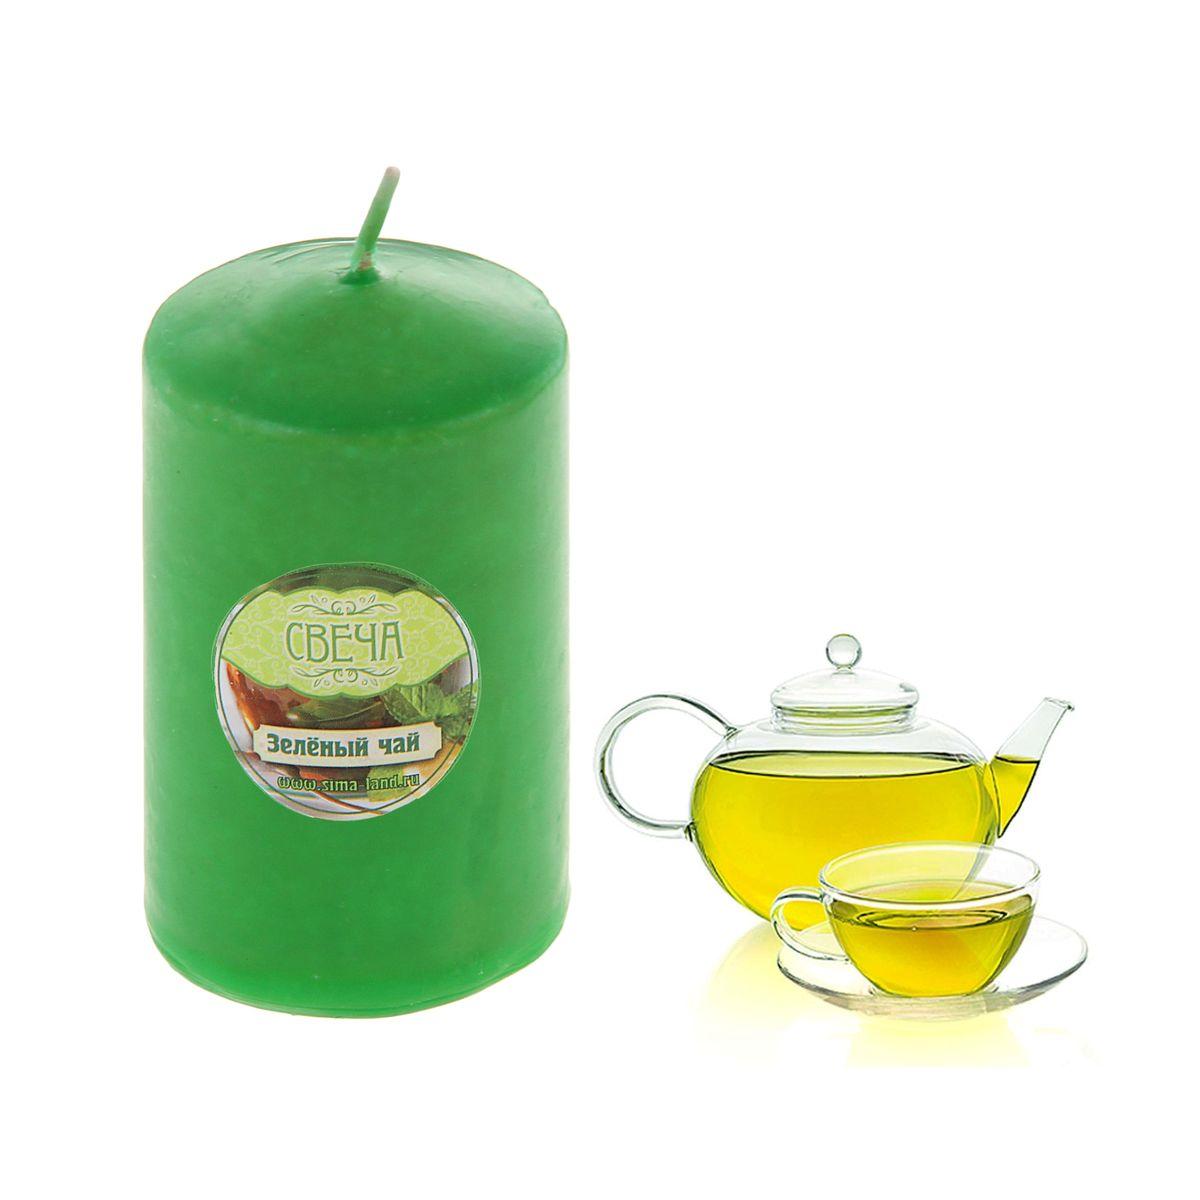 Свеча ароматизированная Sima-land Зеленый чай, высота 10 см. 849605FS-91909Свеча Sima-land Зеленый чай выполнена из воска в виде столбика. Изделие порадует вас ярким дизайном и освежающим ароматом зеленого чая, который понравится как женщинам, так и мужчинам. Создайте для себя и своих близких незабываемую атмосферу праздника в доме. Ароматическая свеча Sima-land Зеленый чай может стать не только отличным подарком, но и гарантией хорошего настроения, ведь это красивая вещь из качественного, безопасного для здоровья материала.